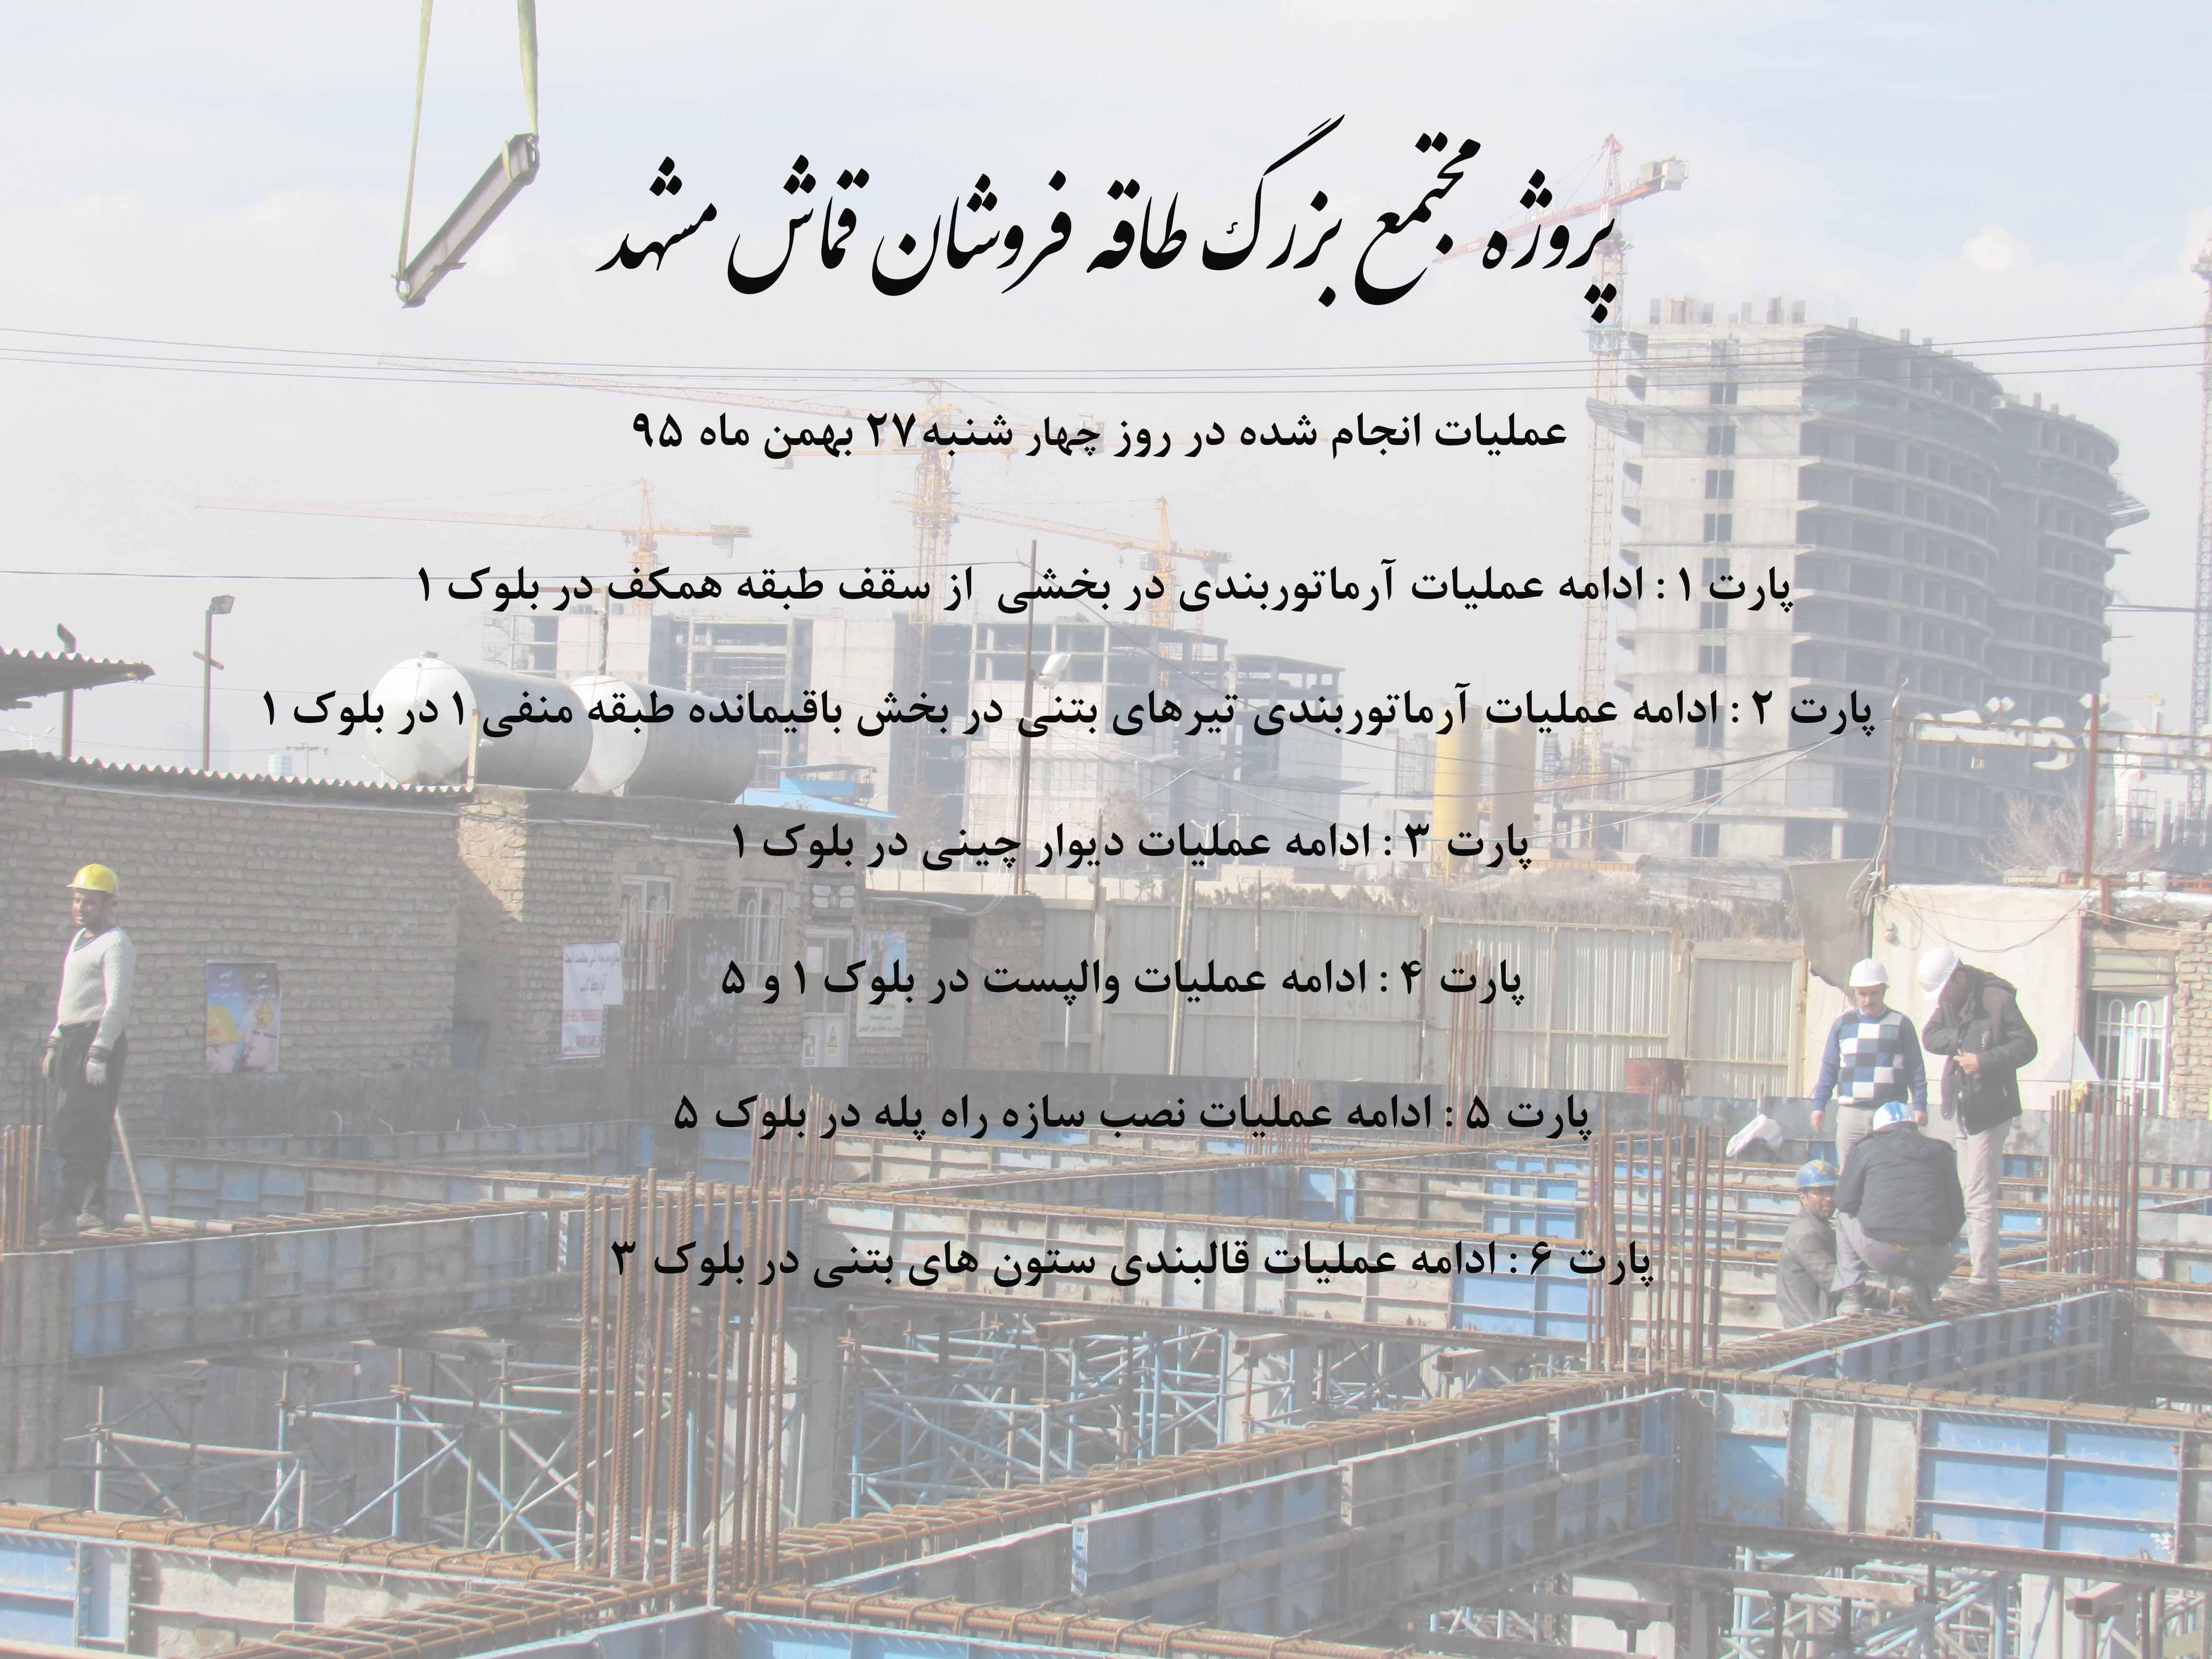 عملیات انجام شده در تاریخ ۹۵/۱۱/۲۷